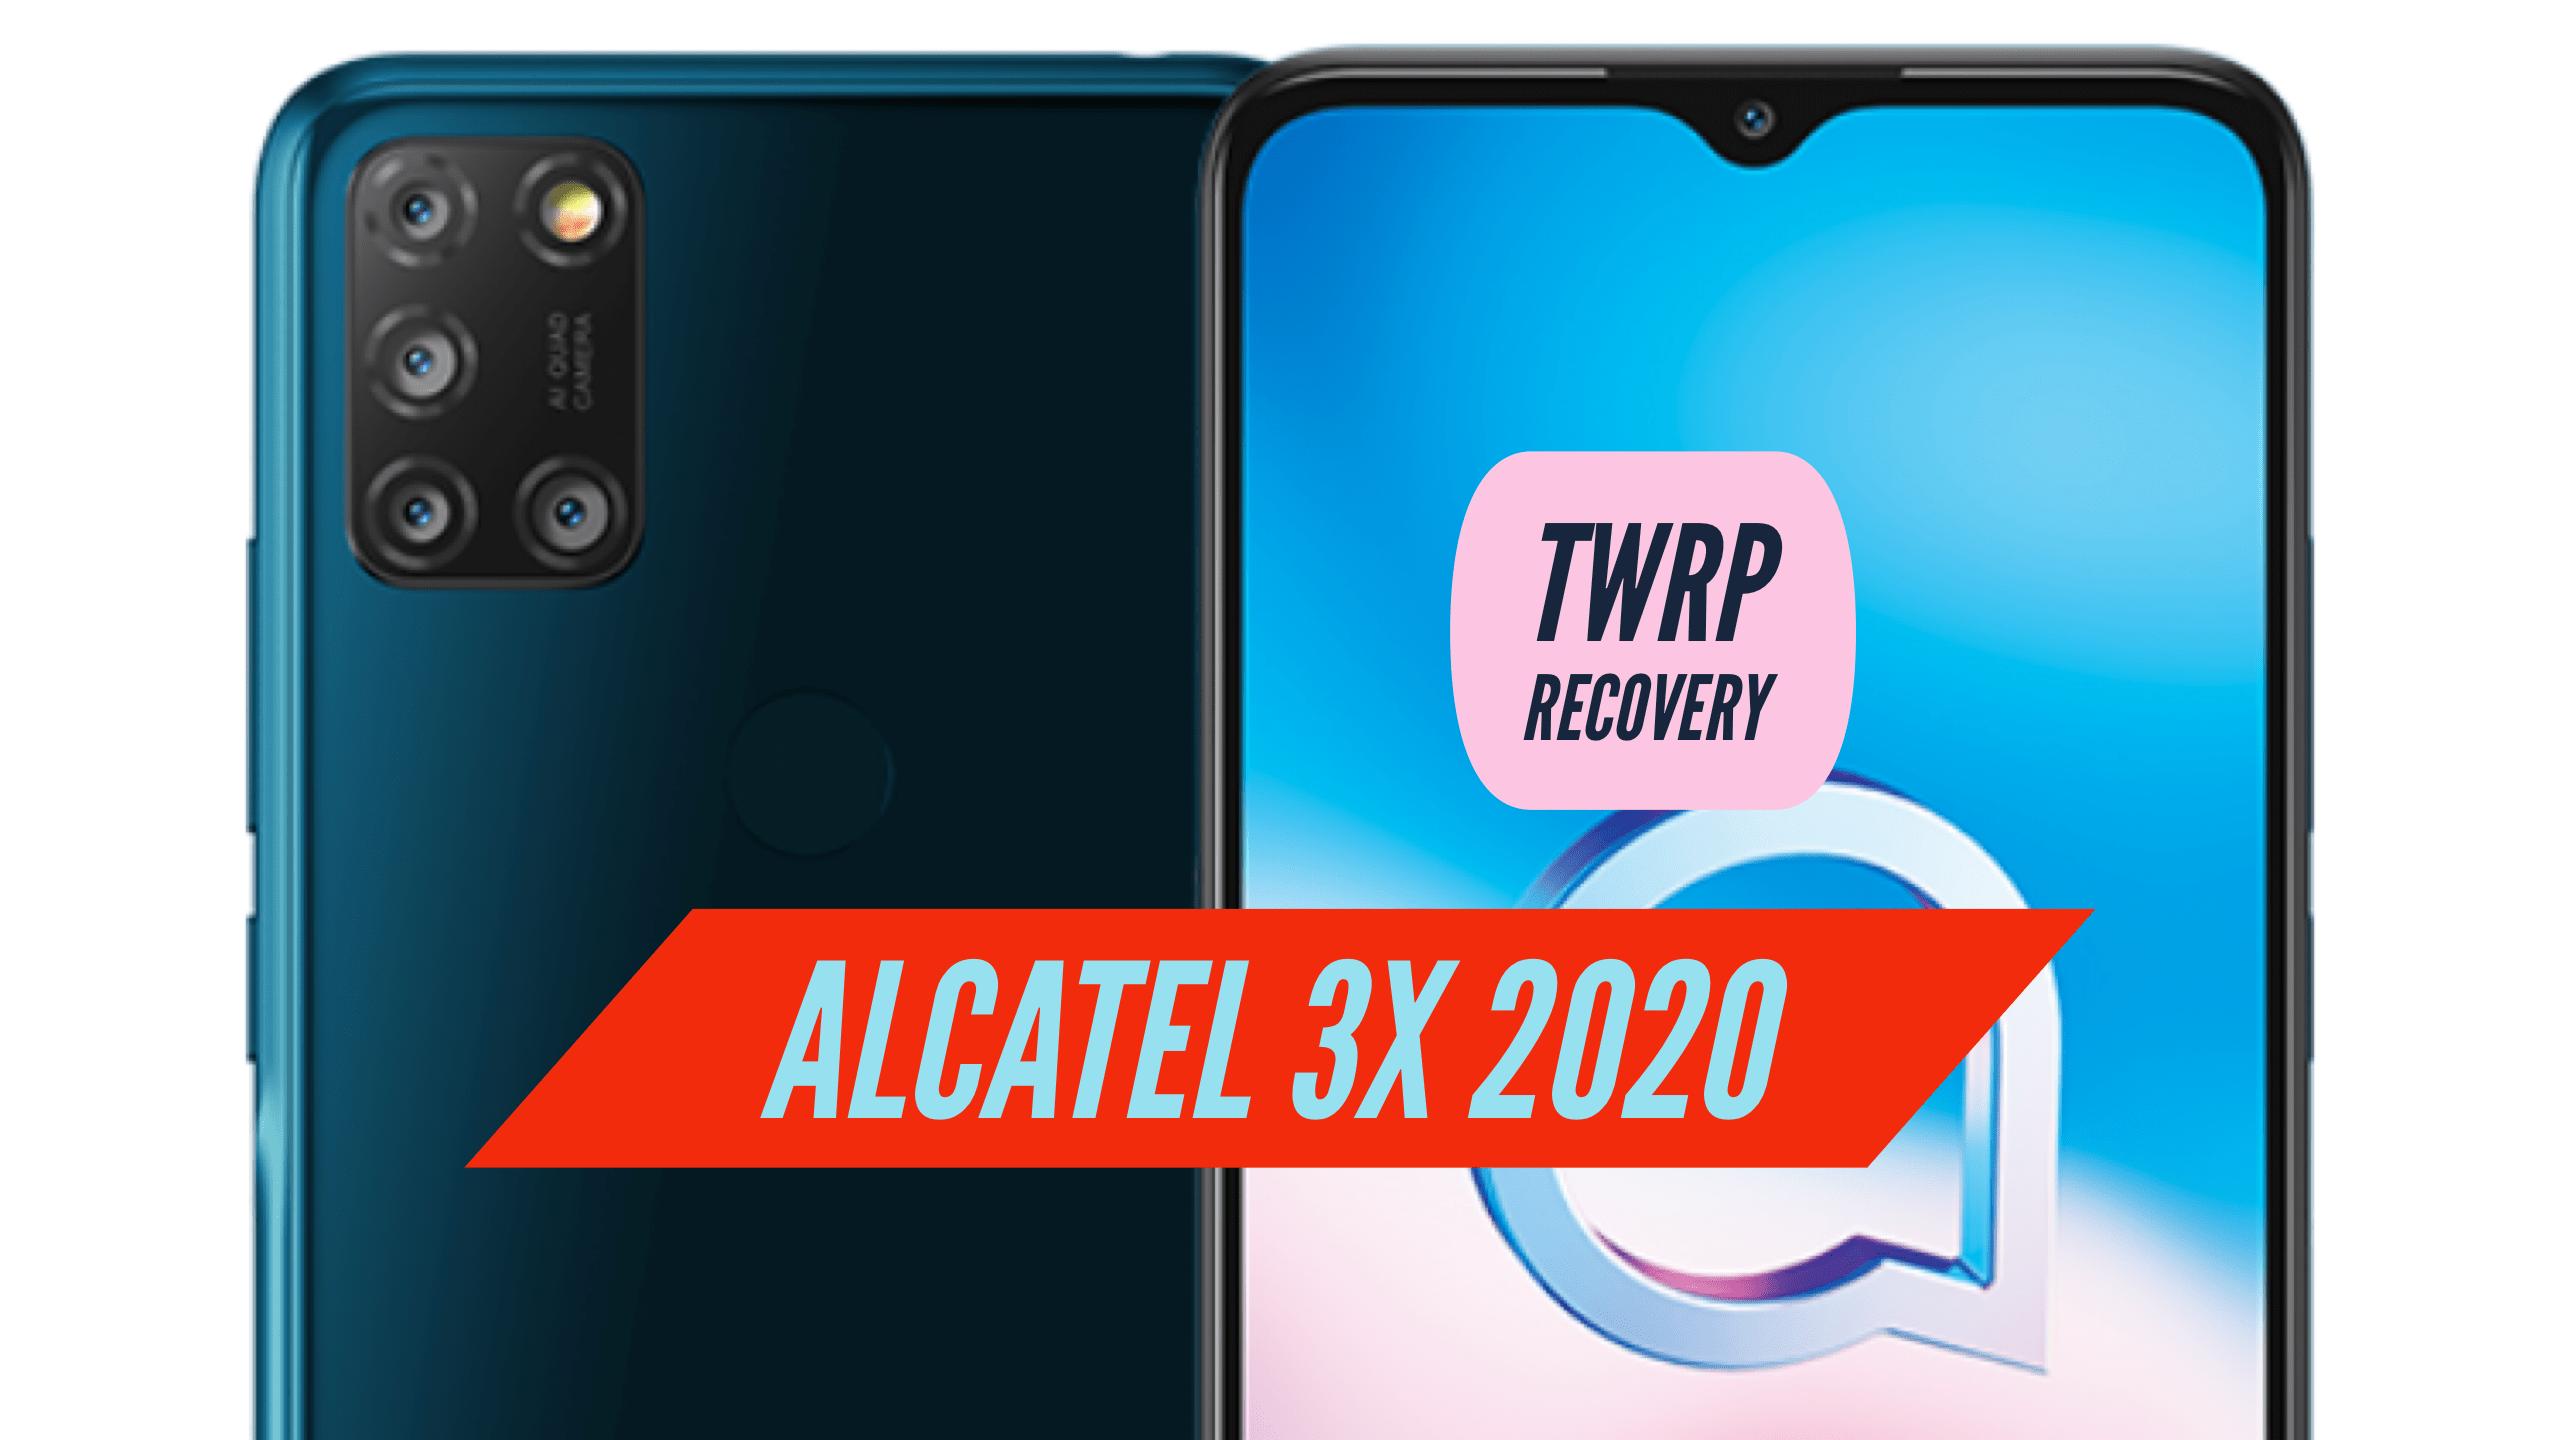 TWRP Alcatel 3X 2020